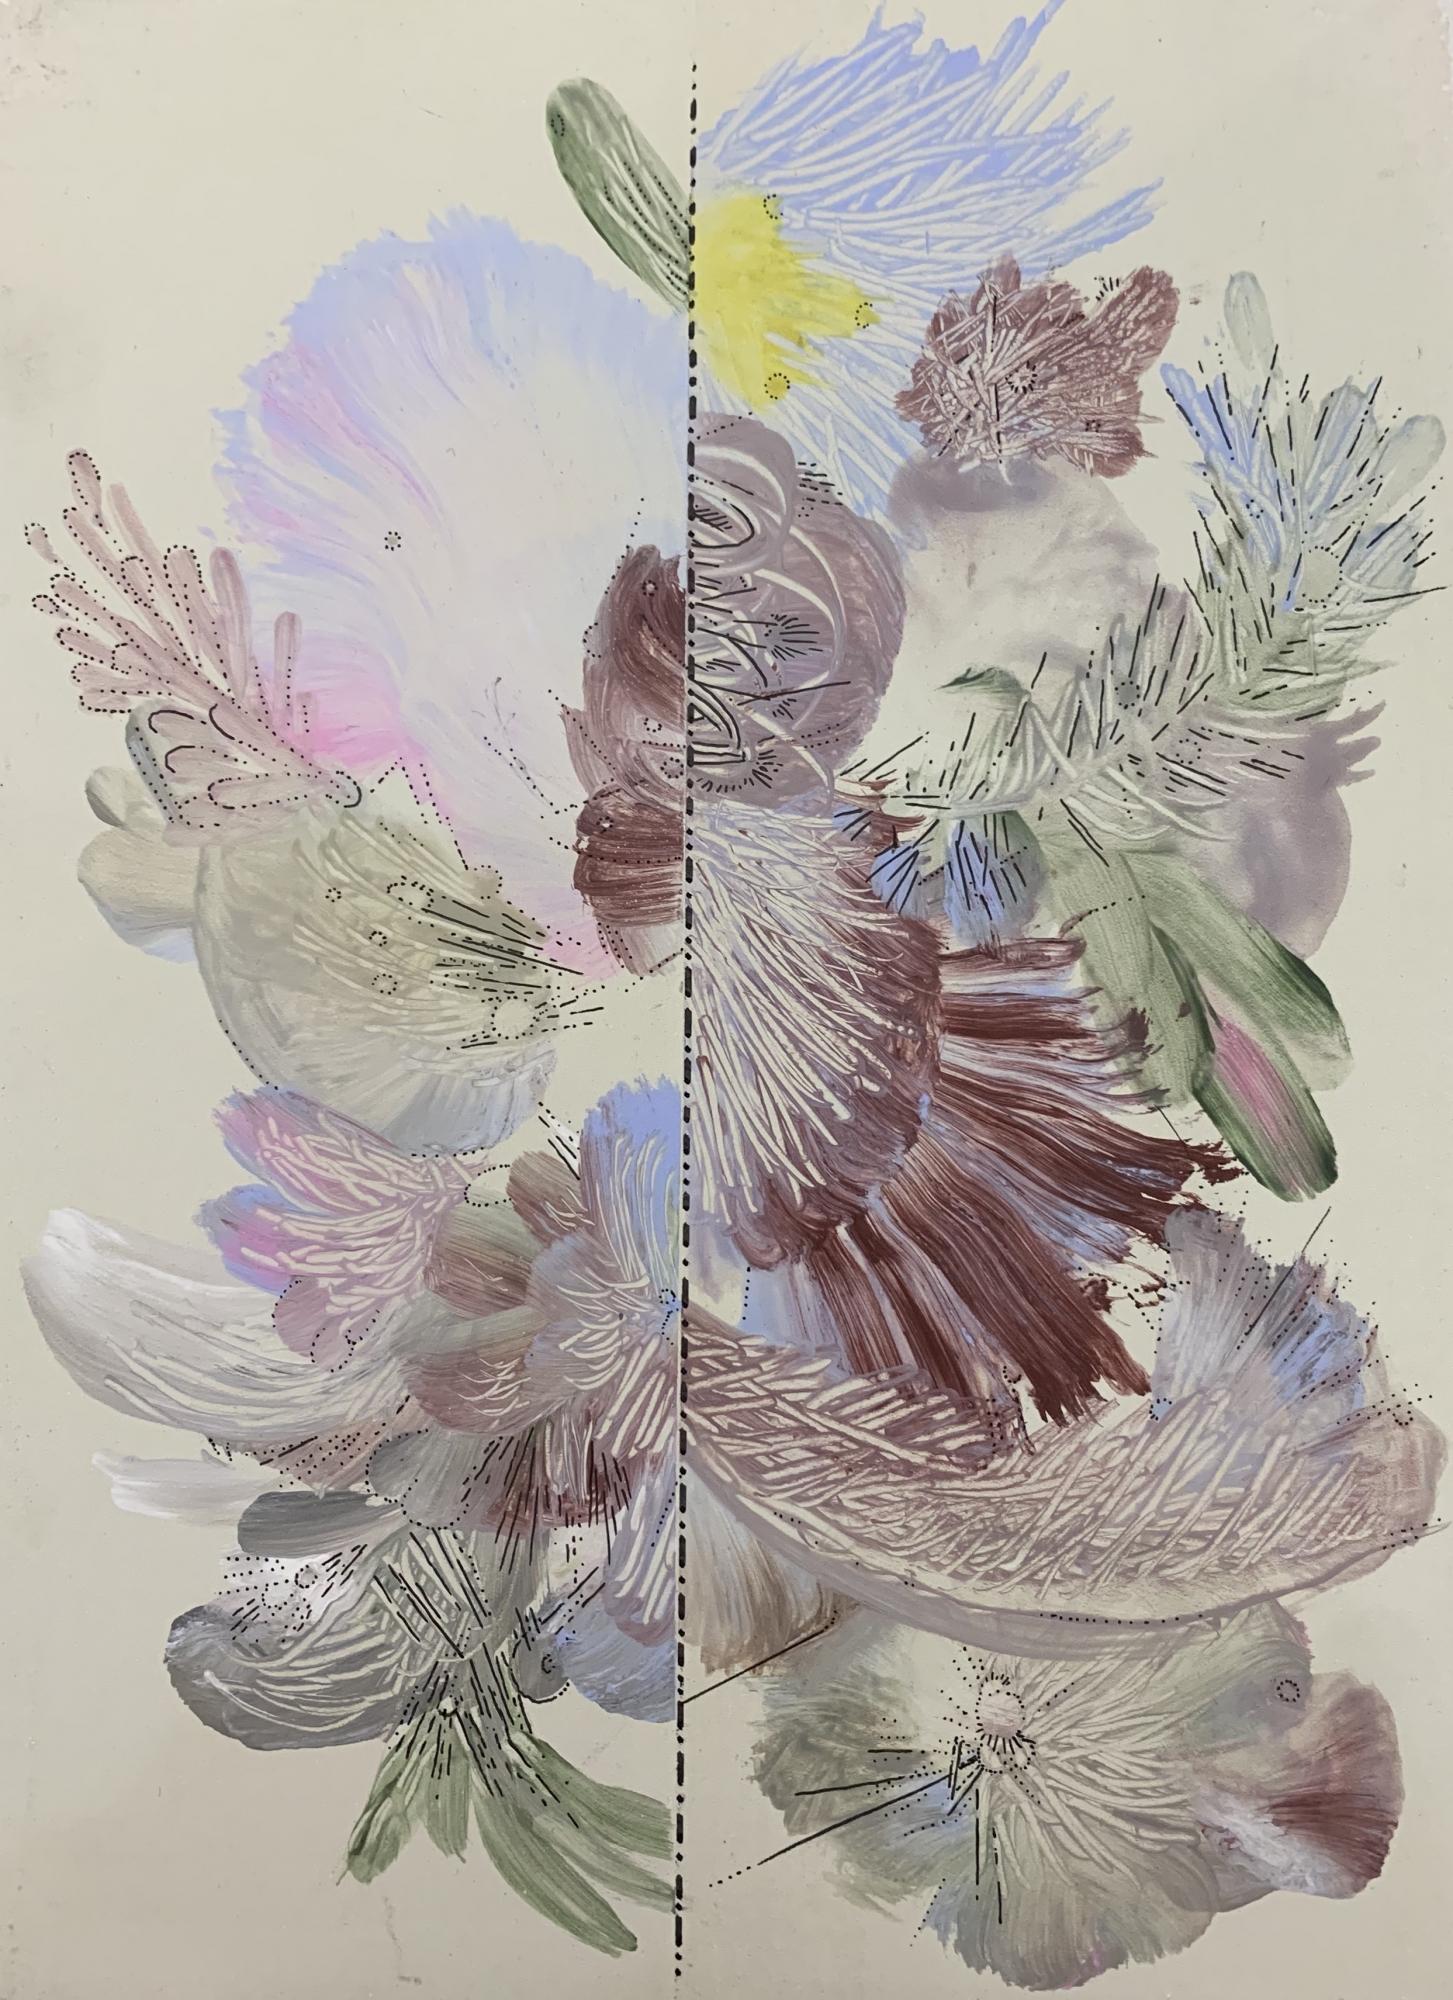 Split View E by Michael Toke